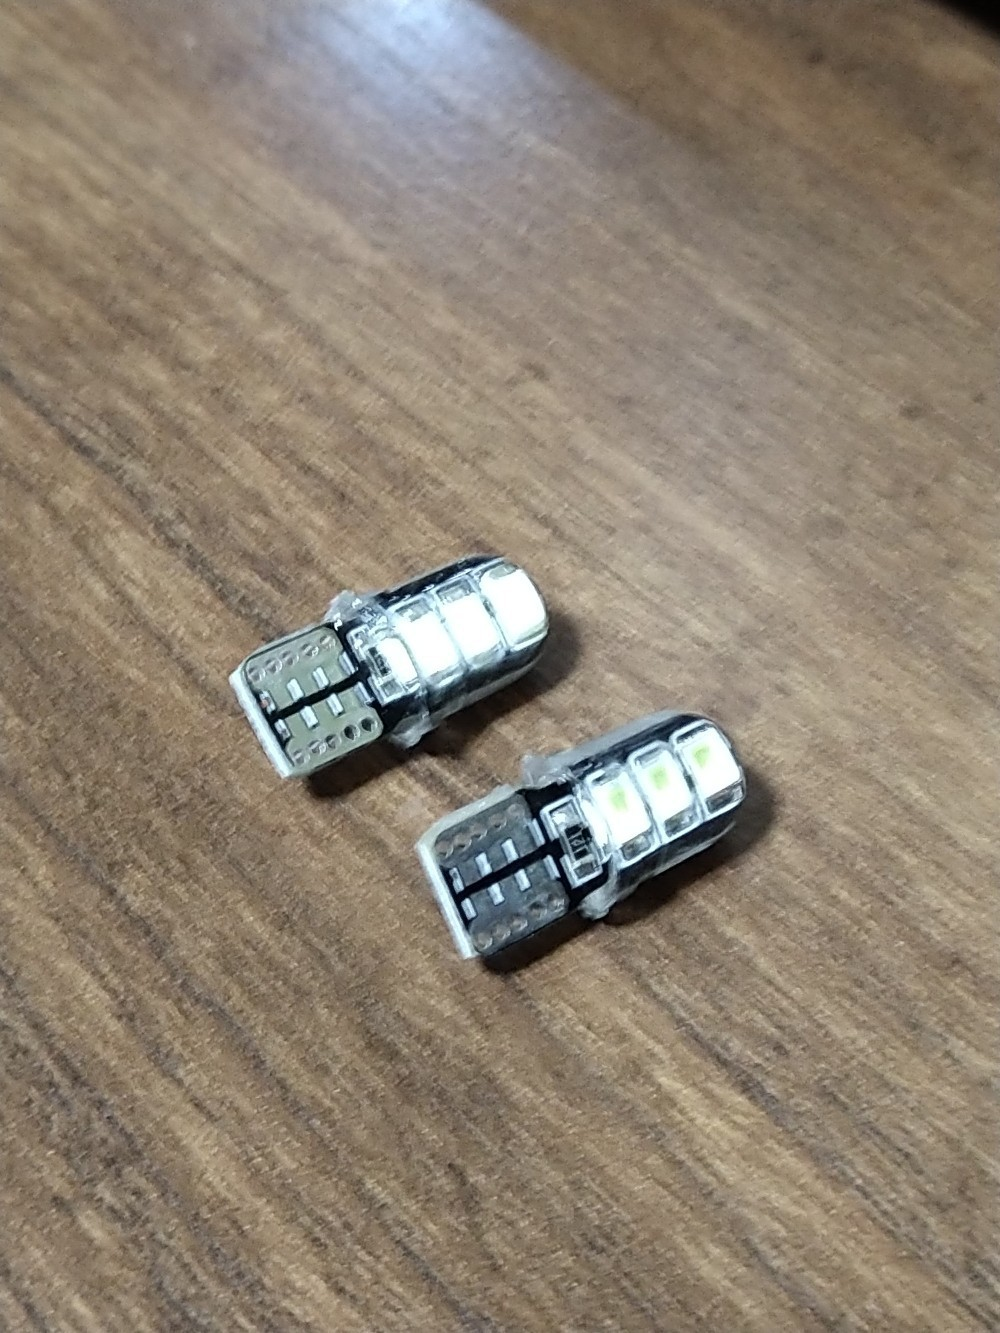 ナンバー灯LEDバルブ交換